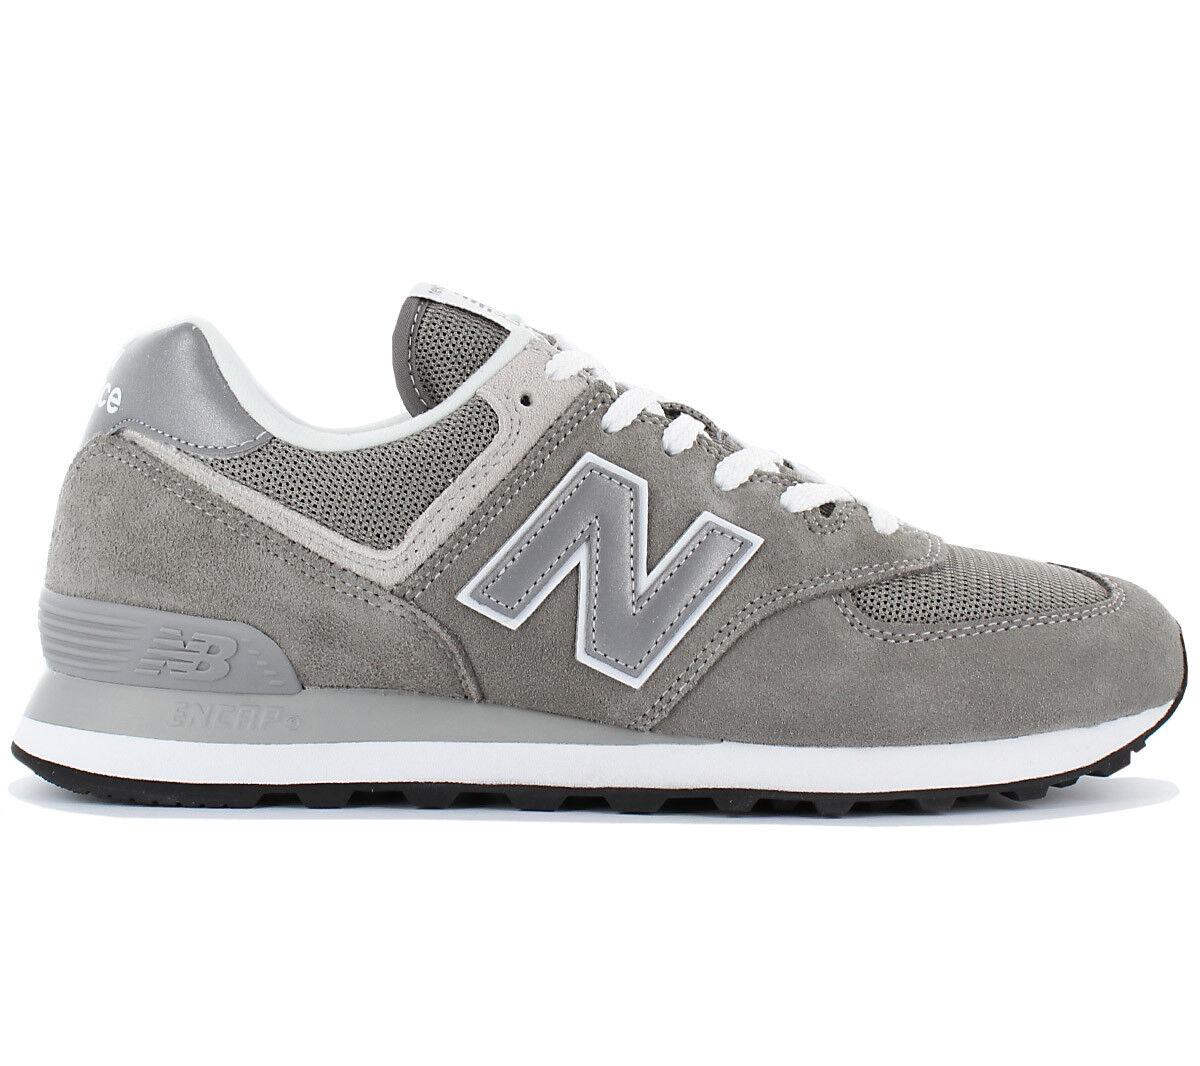 New Schuhe Balance Classics 574 Sneaker Schuhe New Grau ML574EGG Turnschuhe Freizeit NEU abecd6